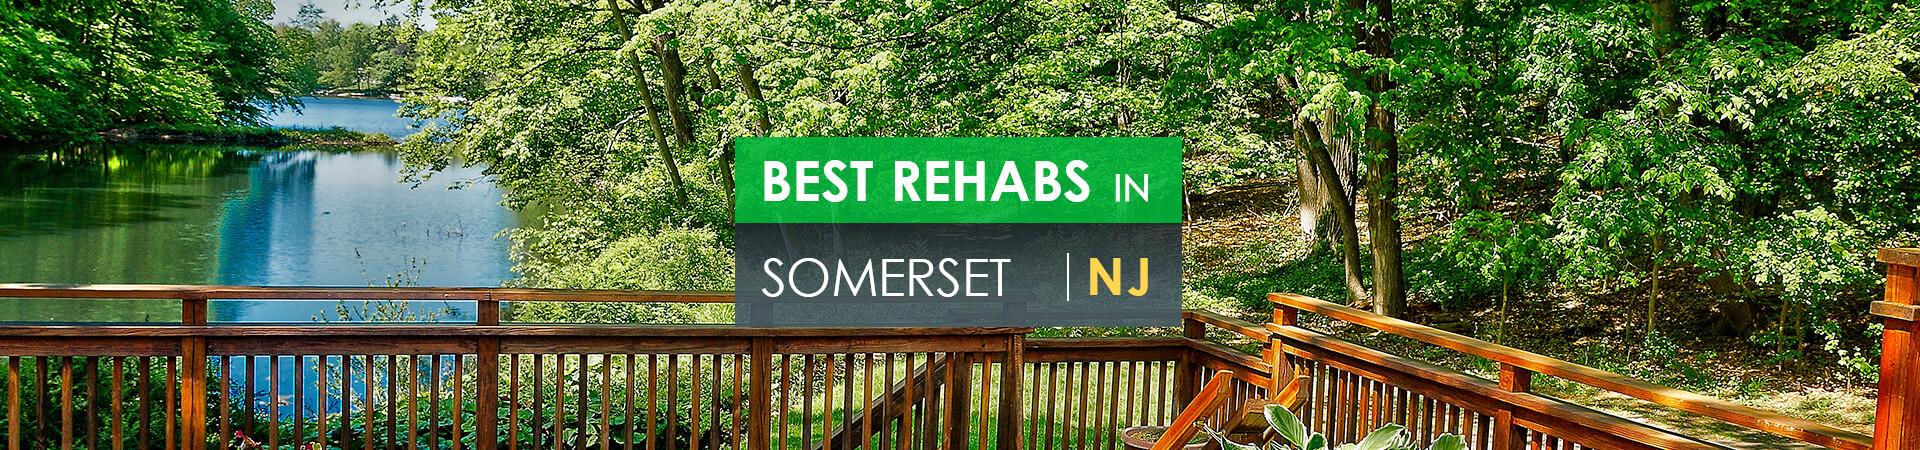 Best rehabs in Somerset, NJ